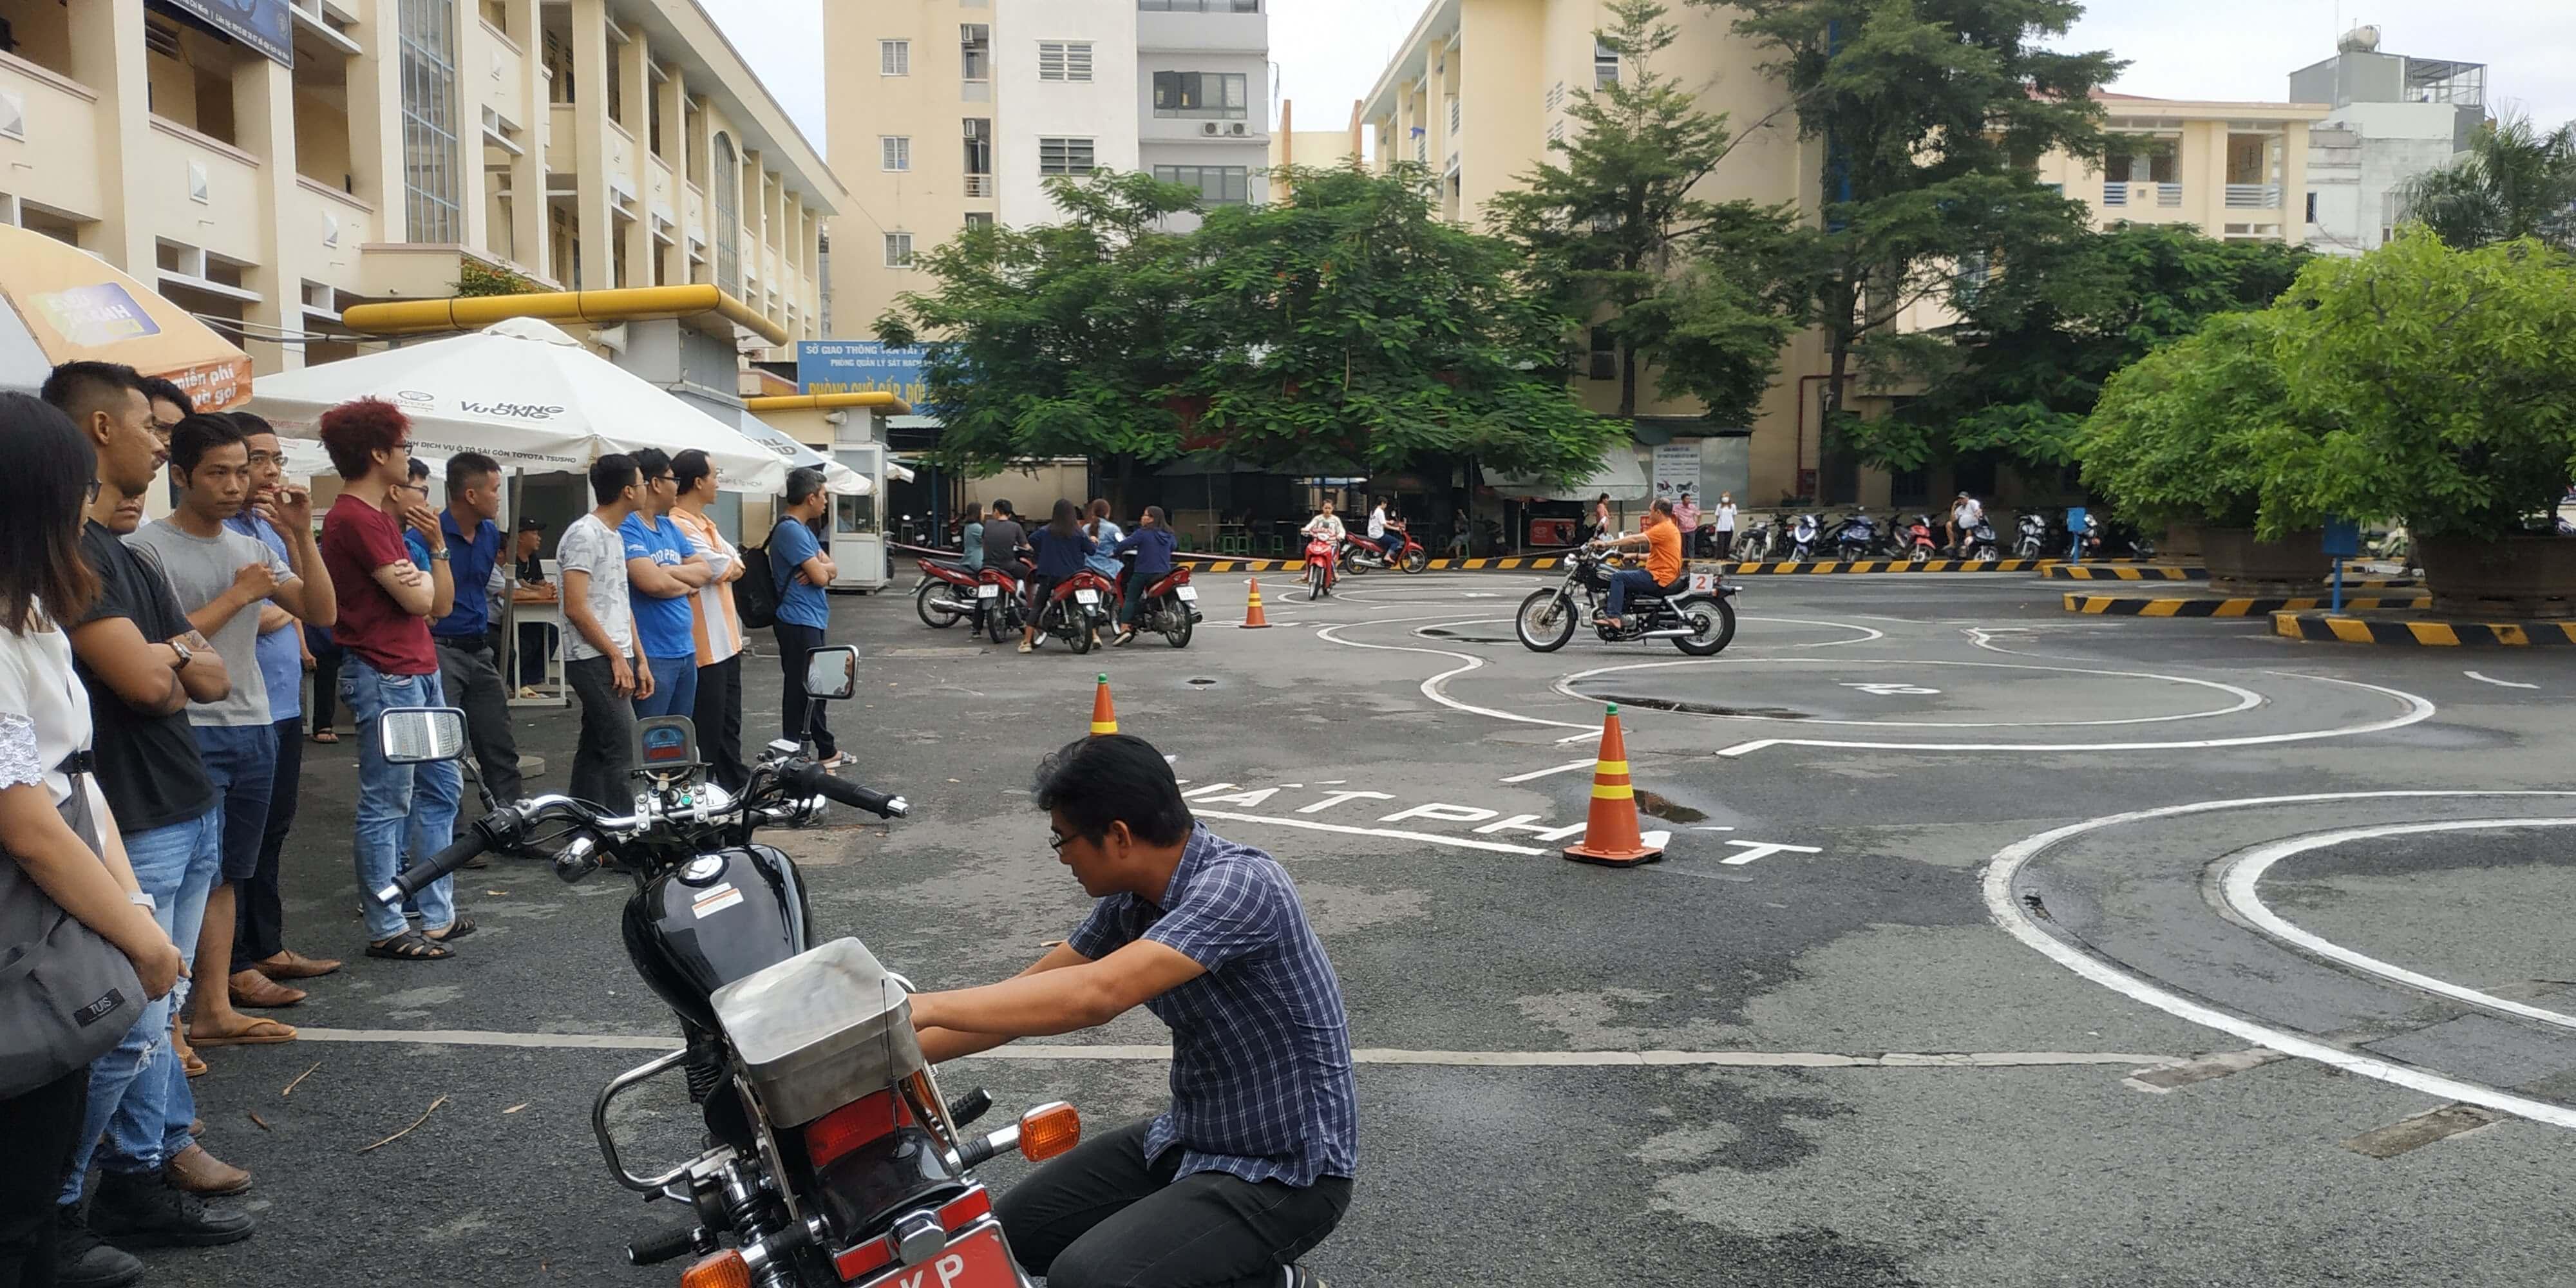 Thi bằng lái xe mô tô A2 ở đâu tại TPHCM